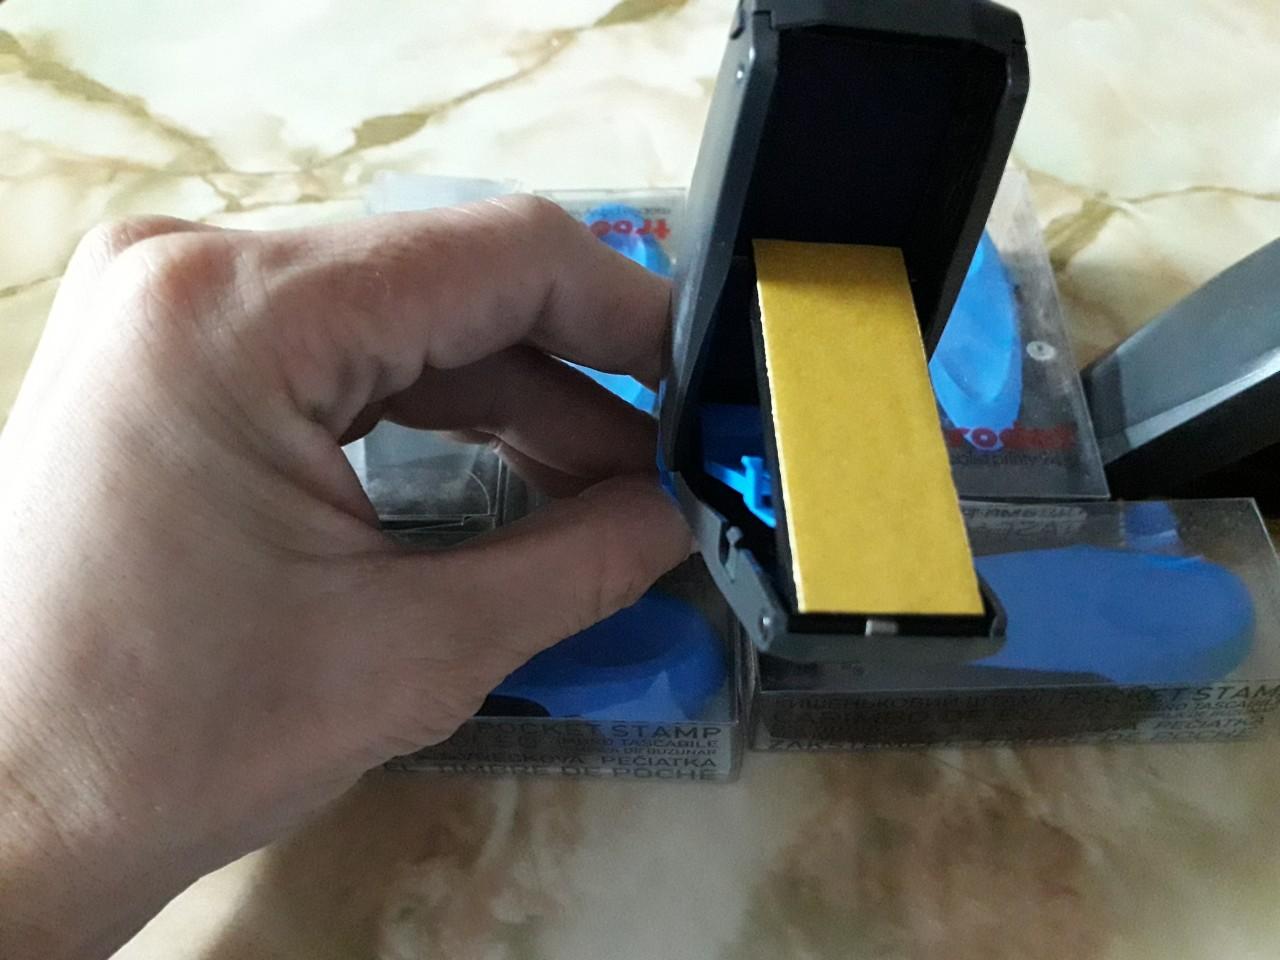 khắc dấu USB